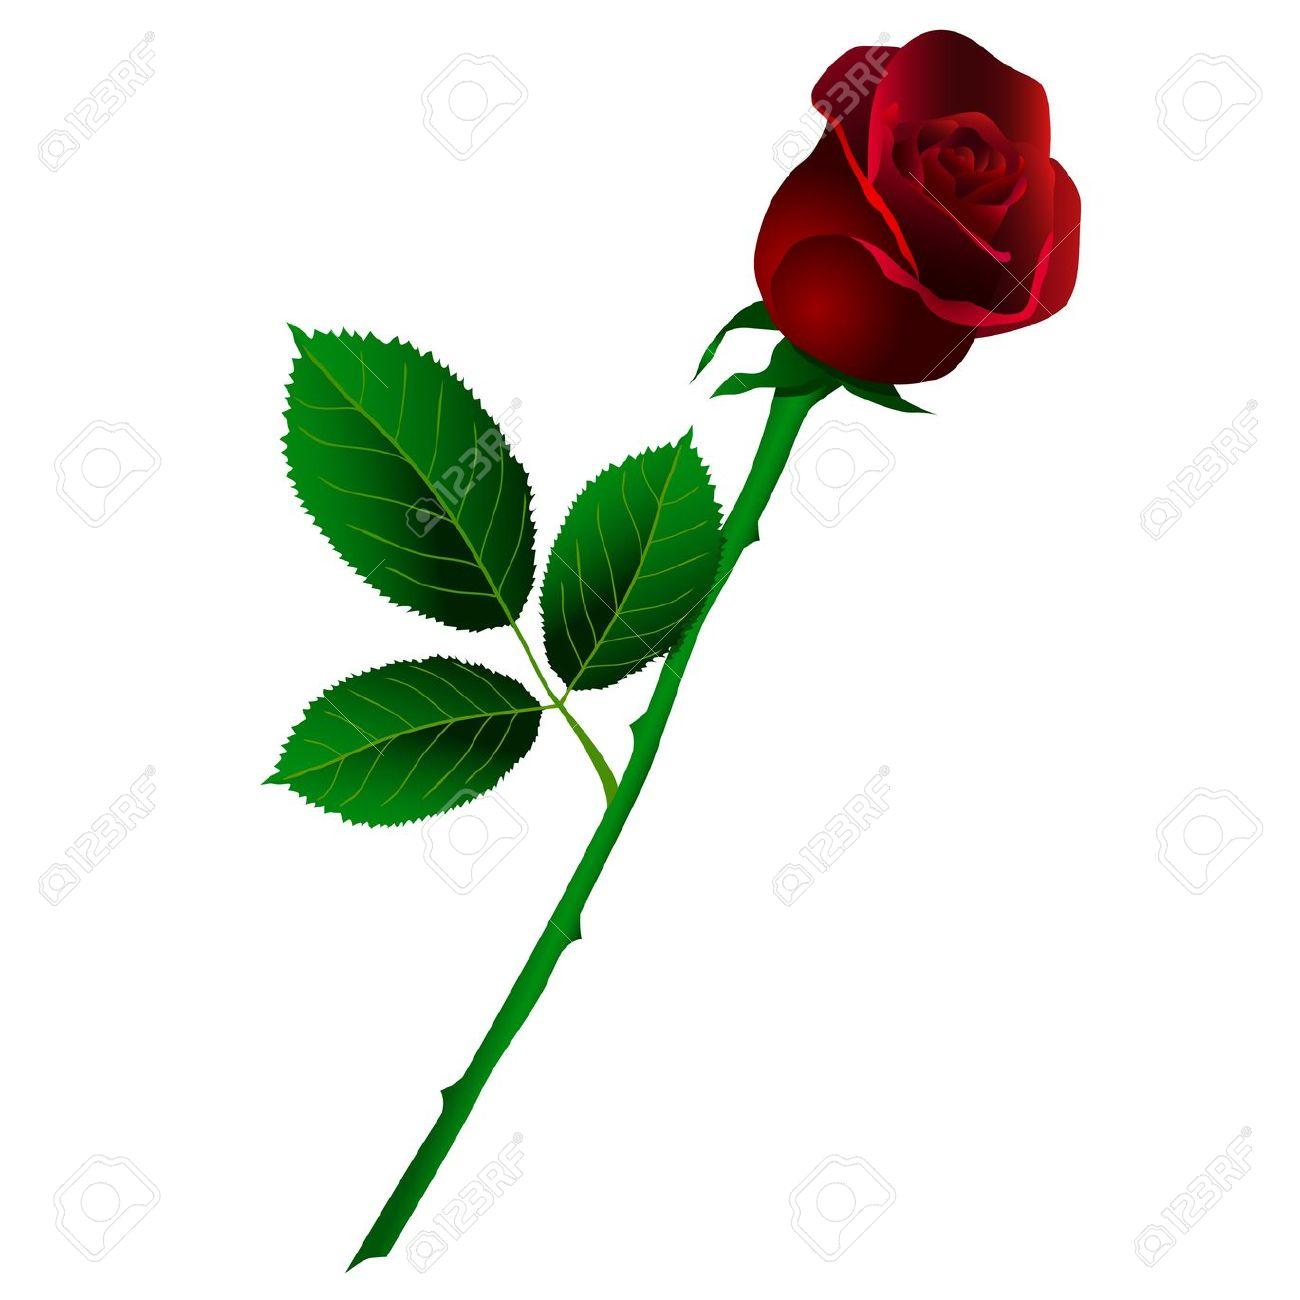 Rose clipart long stem rose #3